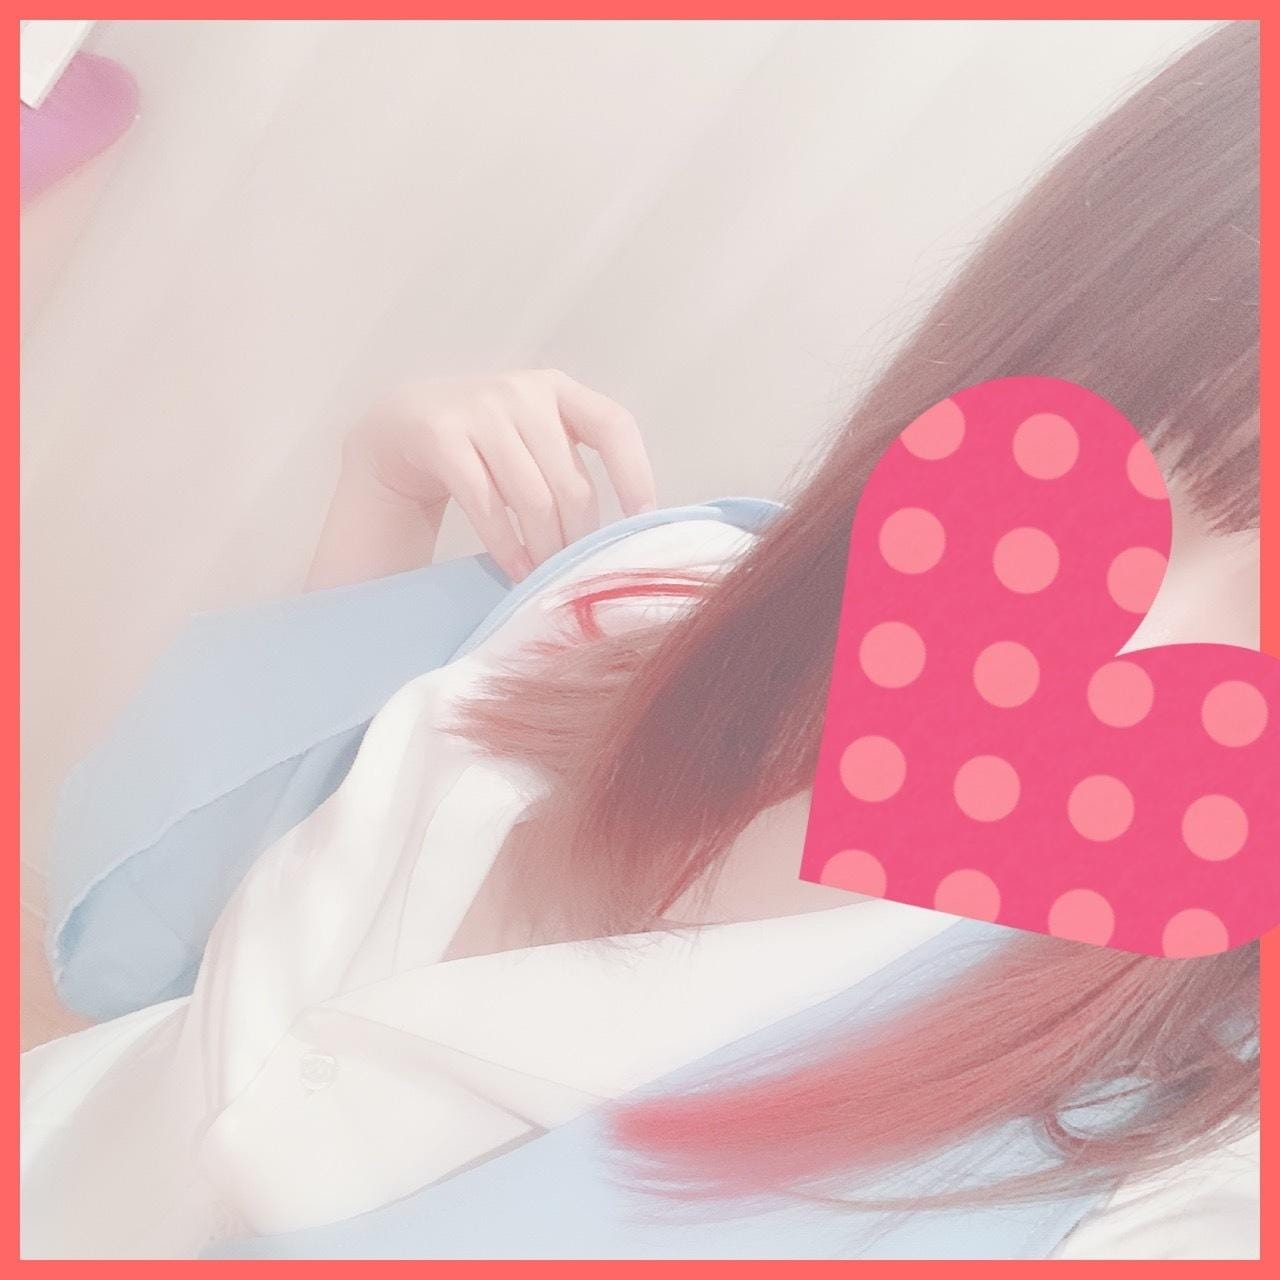 「遅くなりました」05/28(木) 09:31 | ありさの写メ・風俗動画